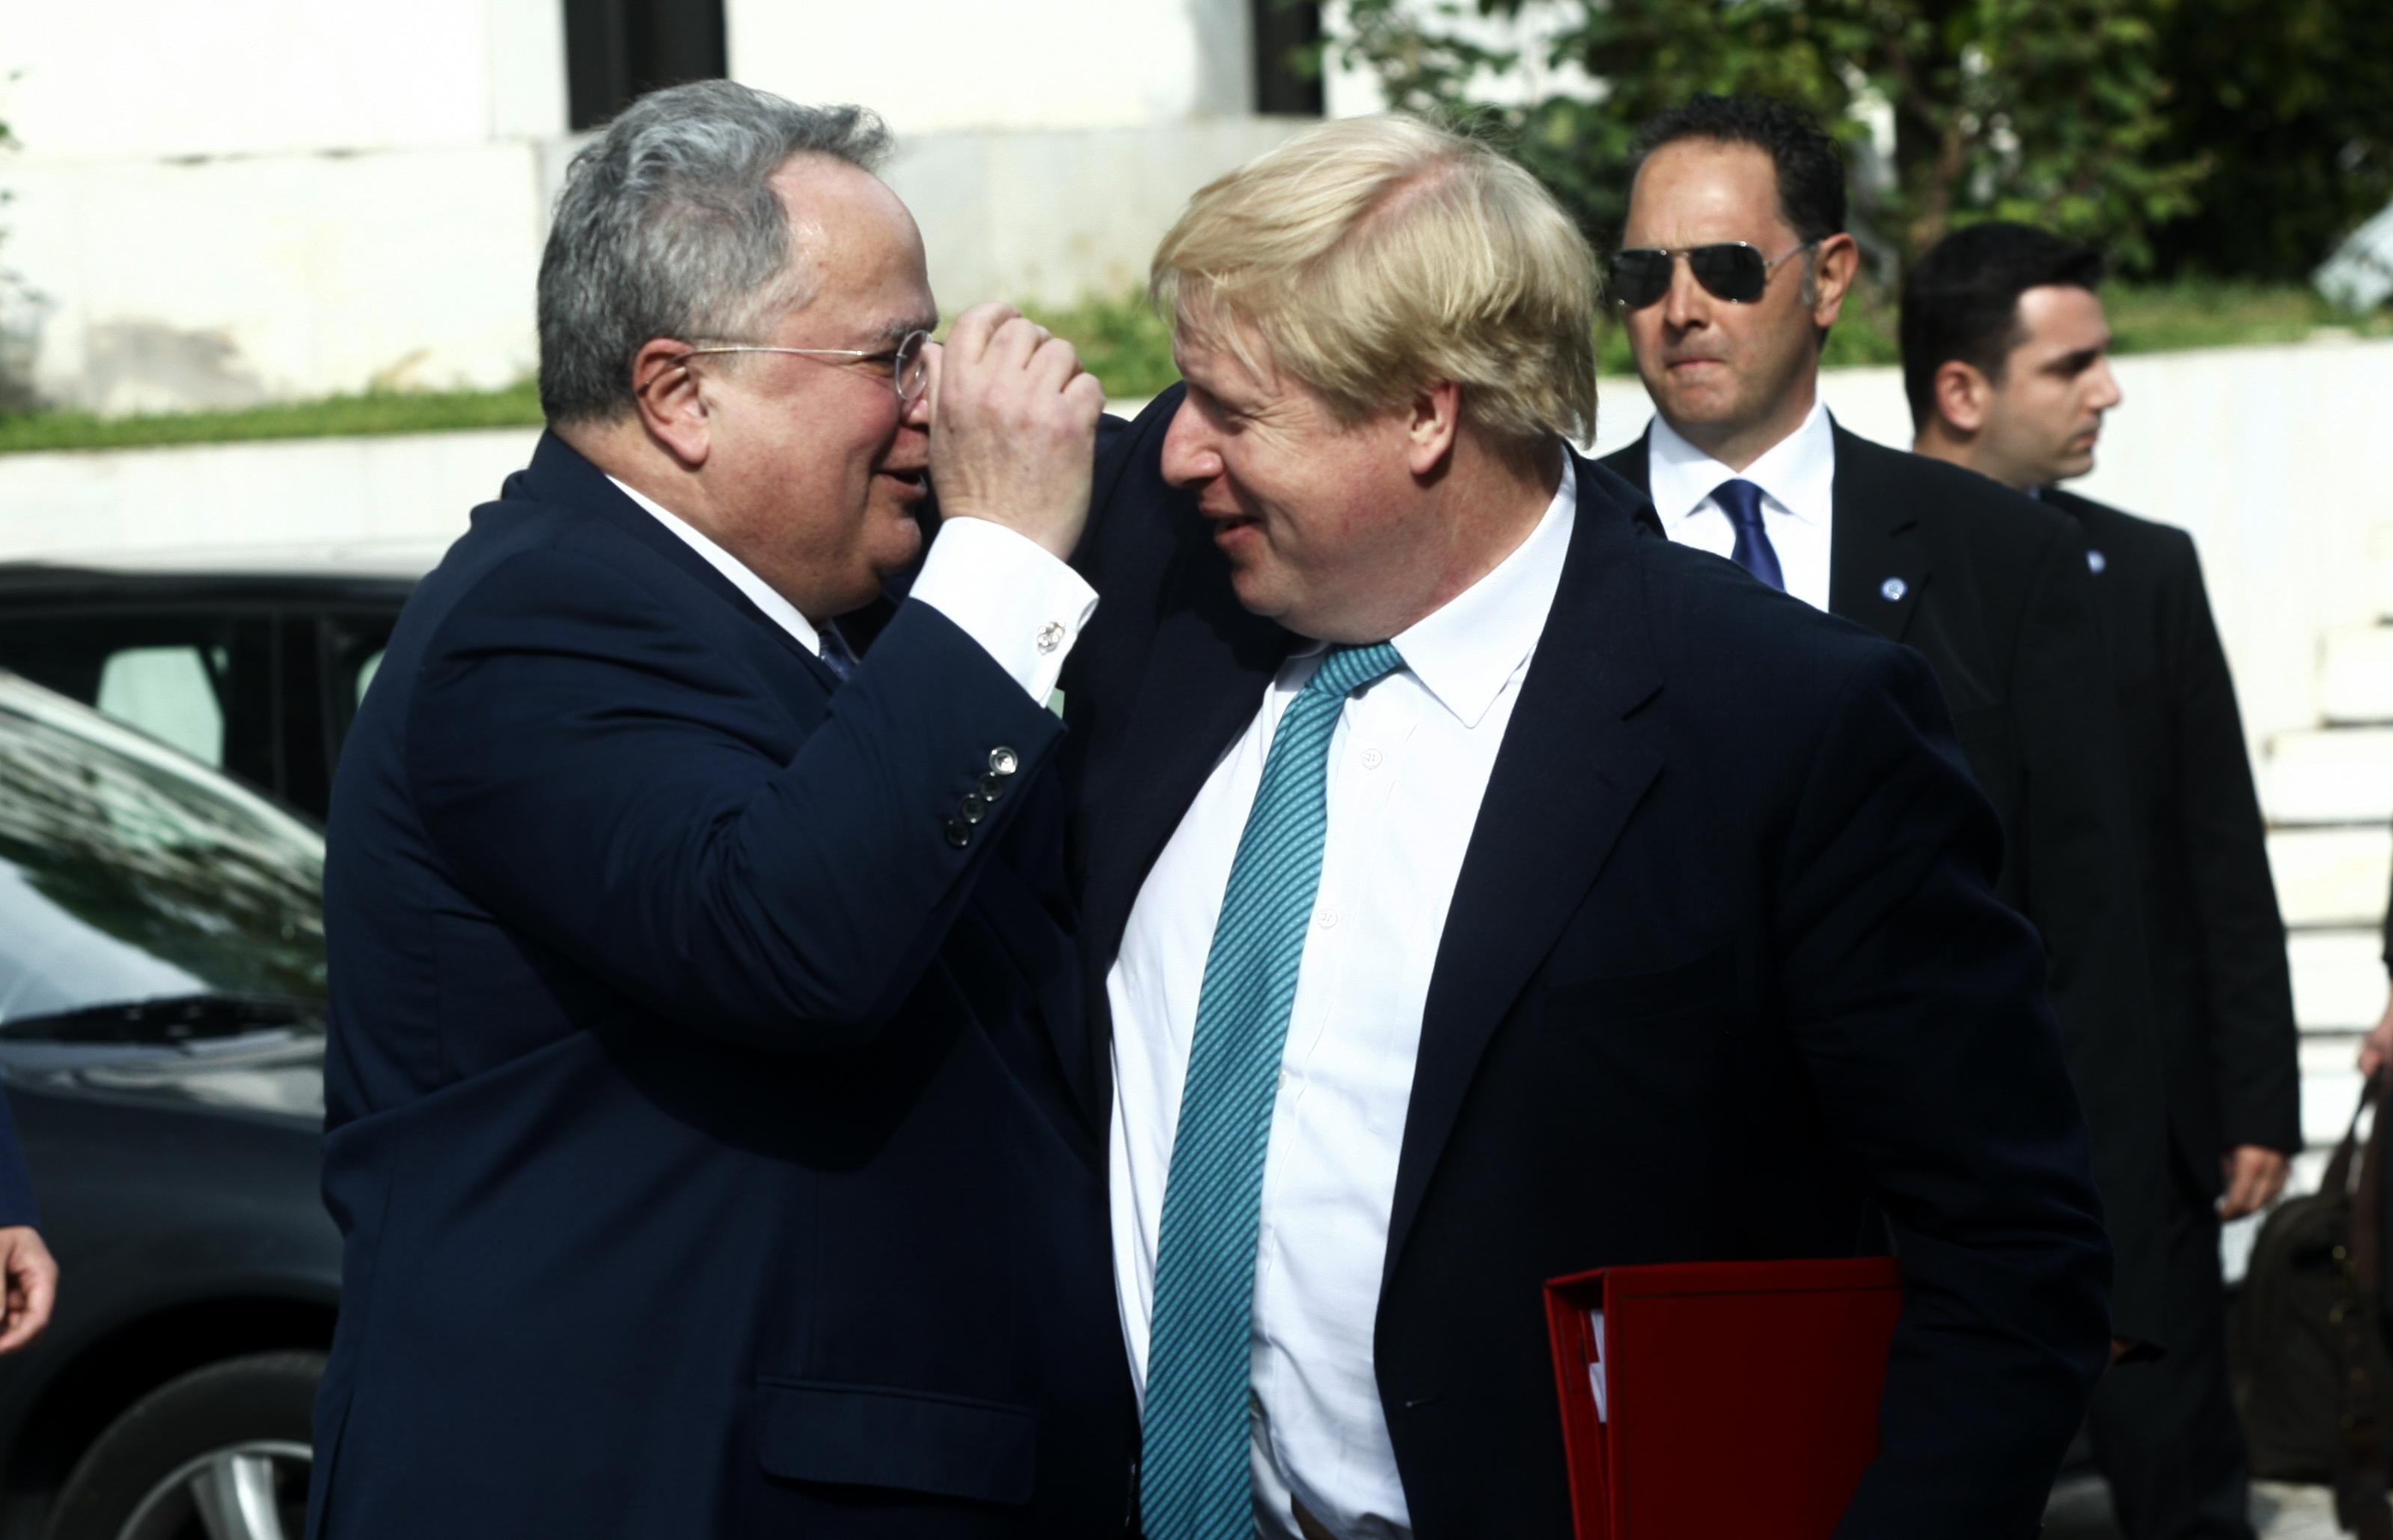 Κοτζιάς: Σεβασμός στο Brexit, αιχμές για την Ευρωπαϊκή Ένωση